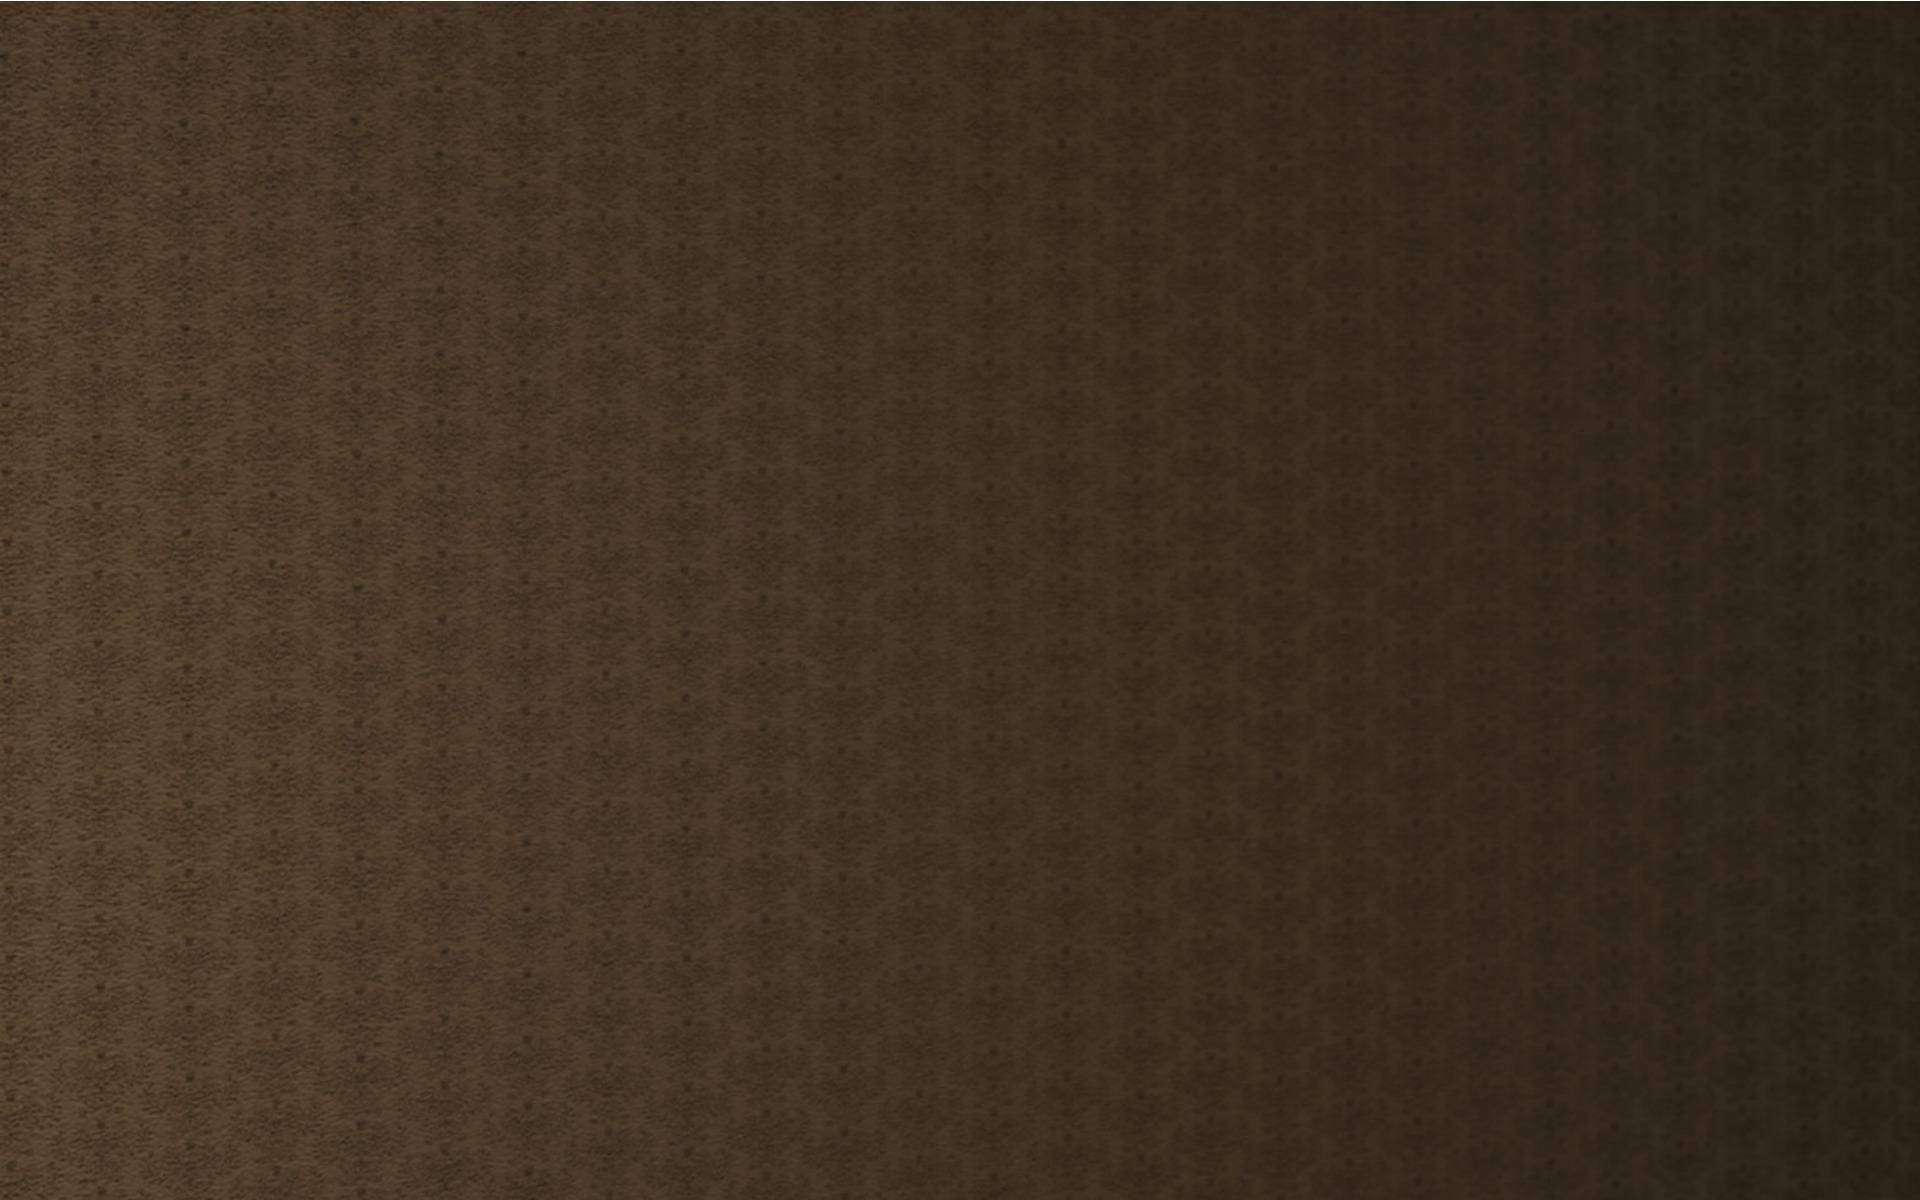 7015ed0b12b285 Download! clearance sale 5c7f9 39439  1440x2560 Gucci Wallpaper. Perfect  Gucci Wallpaper With Gucci Wallpaper .